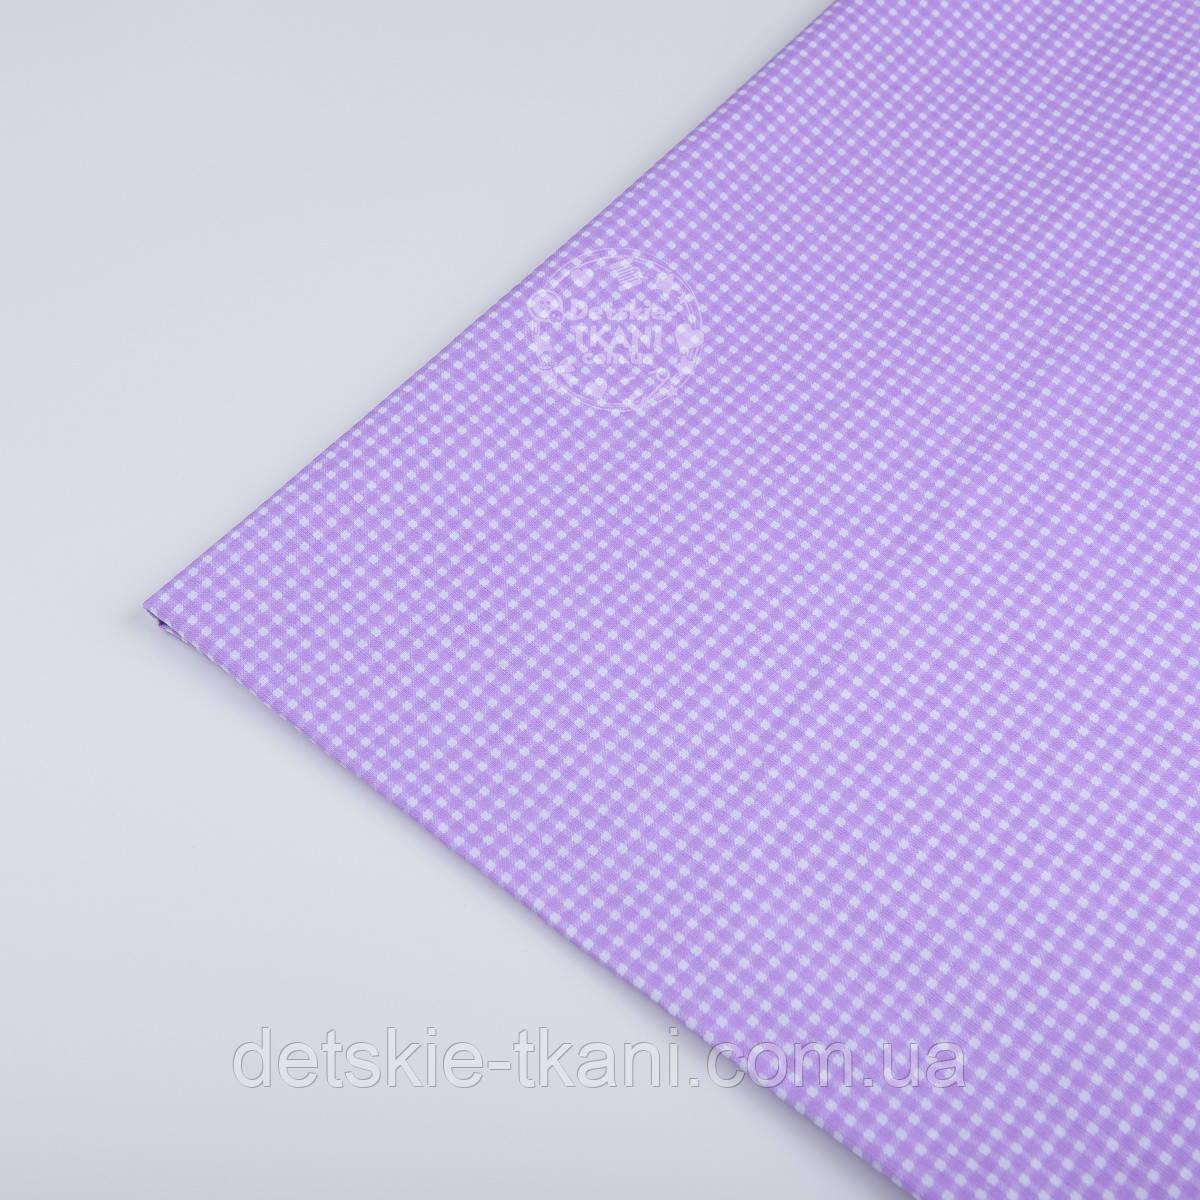 Лоскут ткани №260а с мелкой клеточкой сиреневого цвета, размер 35*80 см